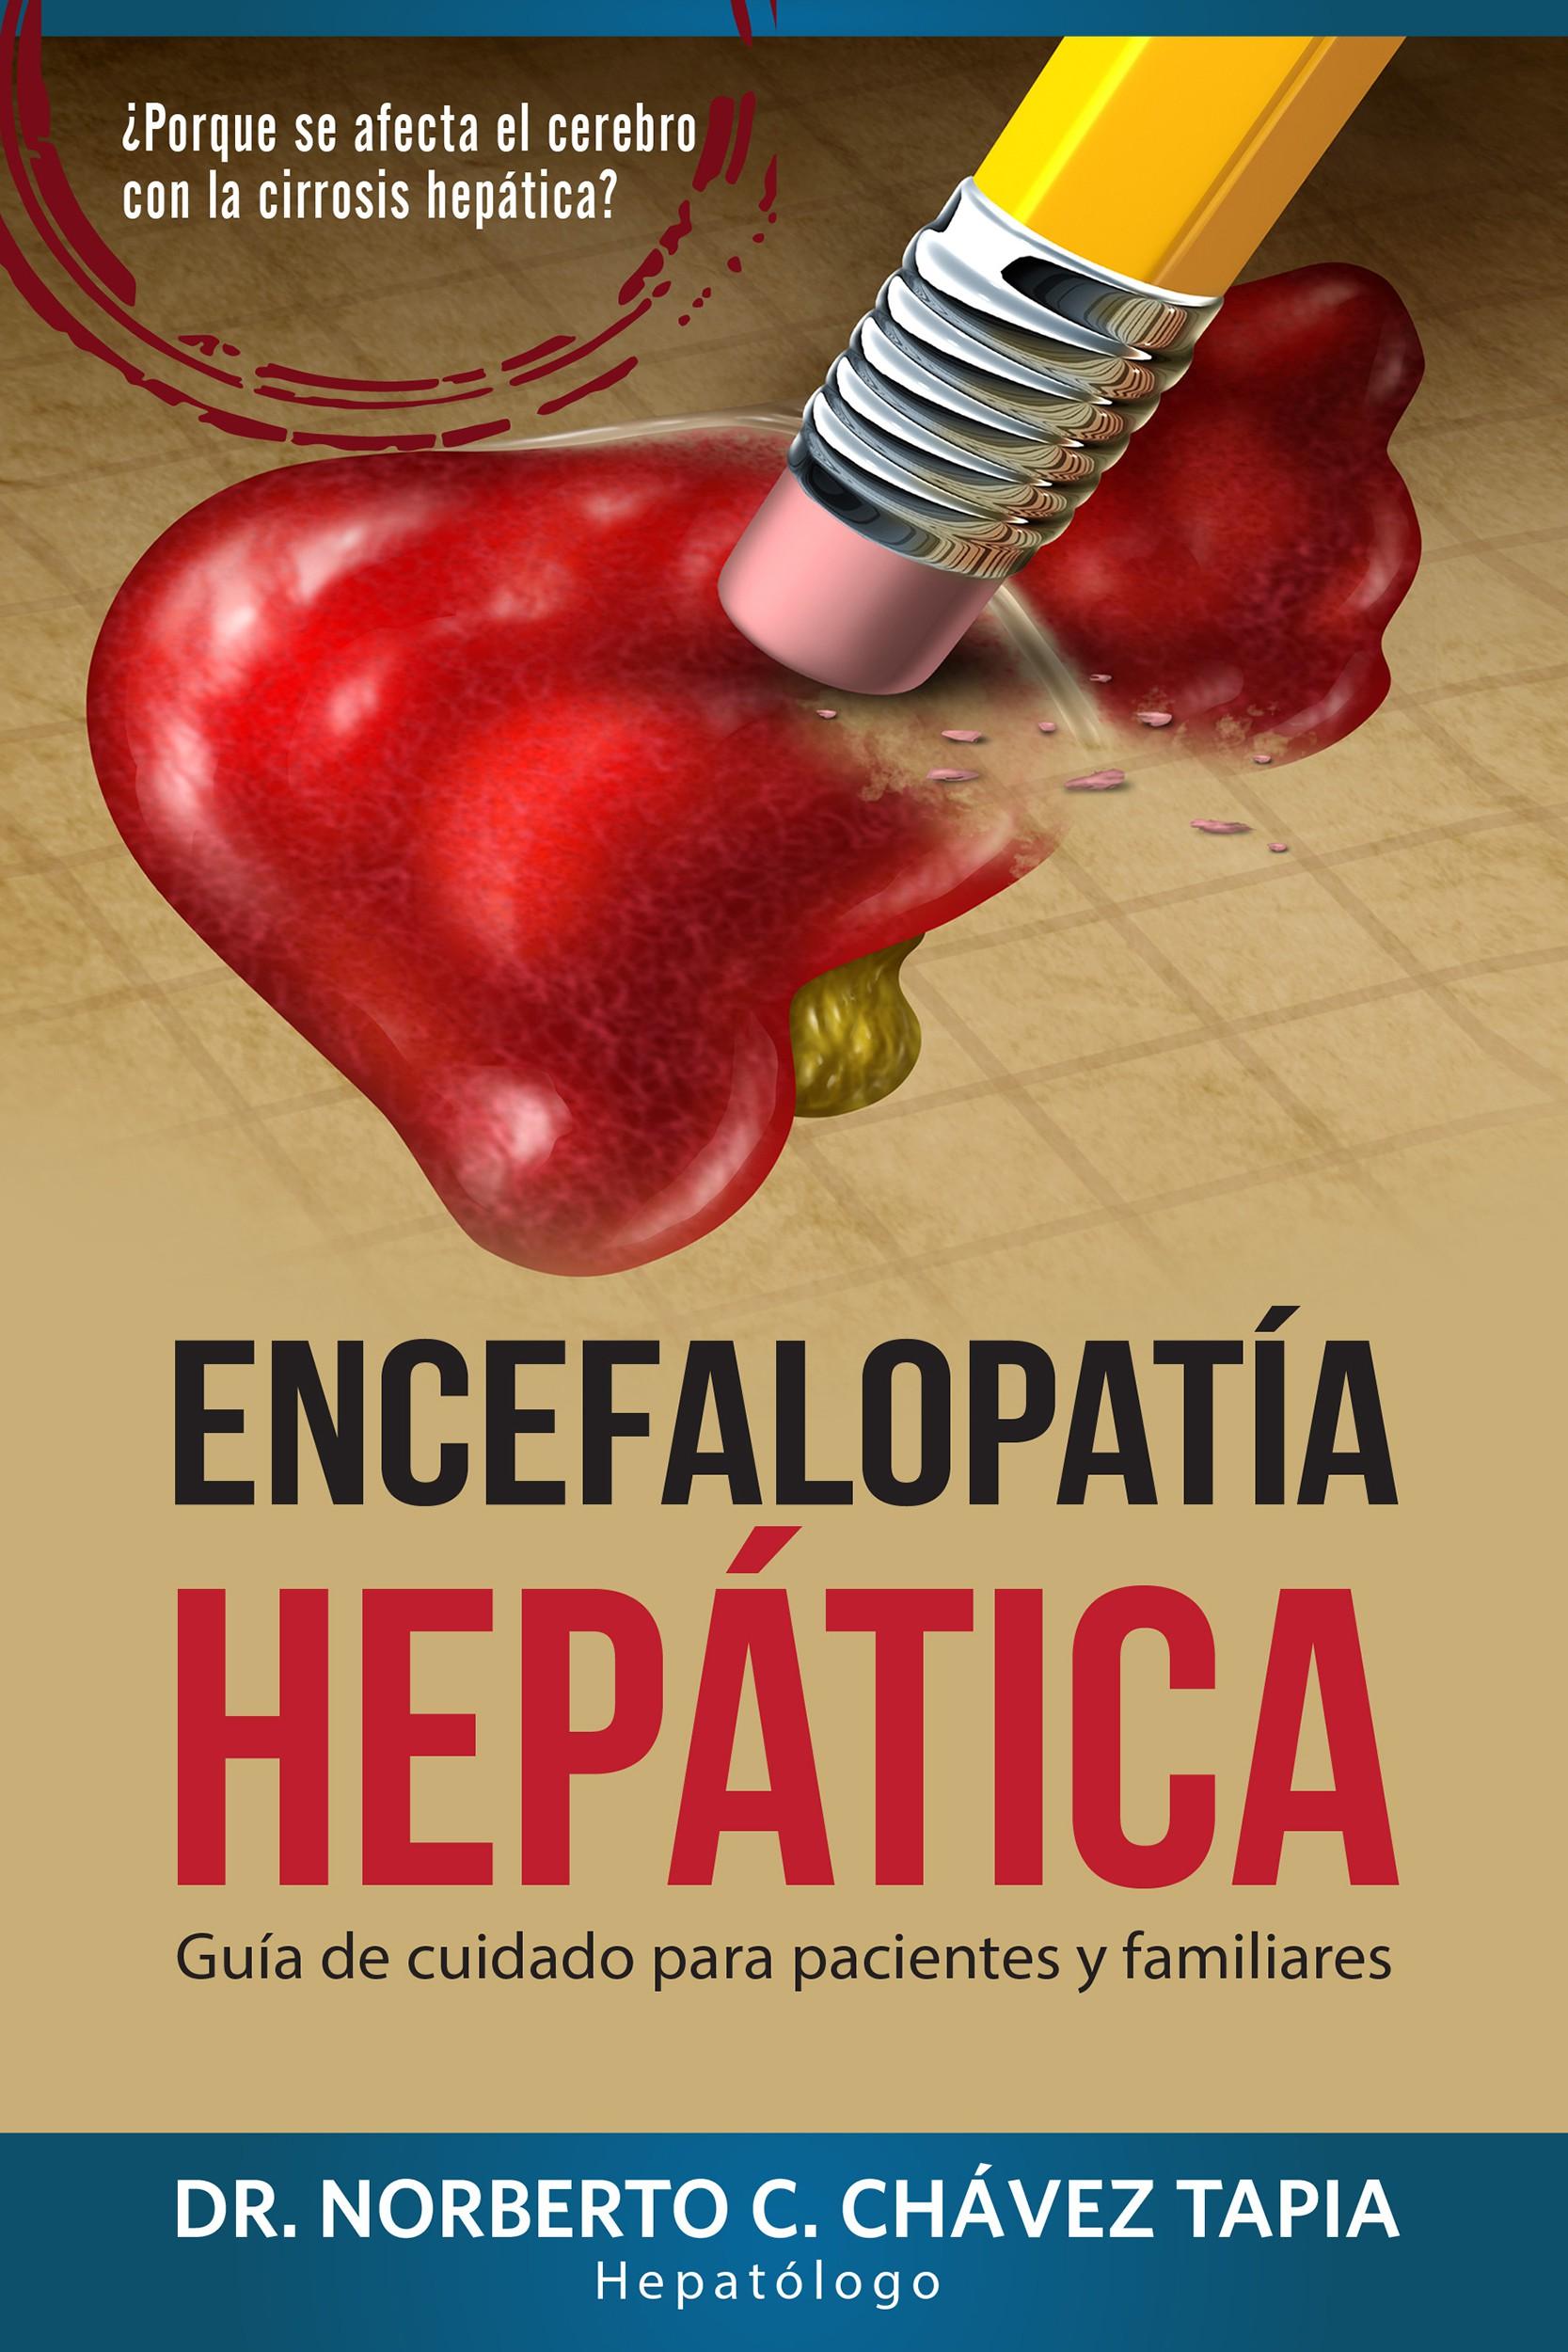 e-book cover Encefalopatía hepática